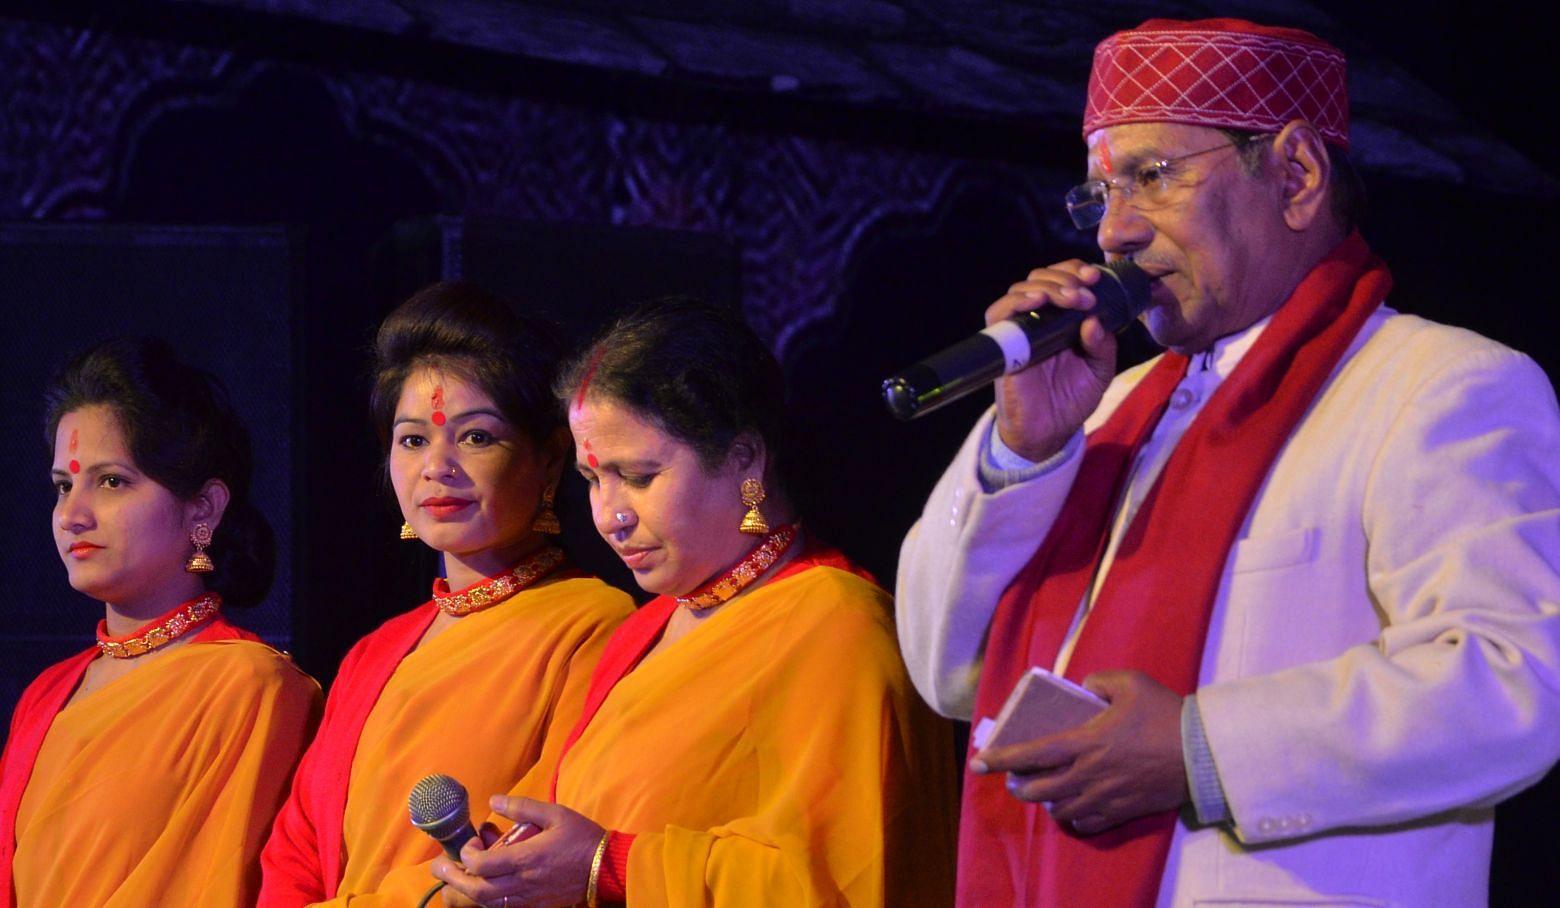 श्रीनगर सरस मेले मे संगीत की प्रस्तुति देते लोकगायक नरेन्द्र सिंह नेगी